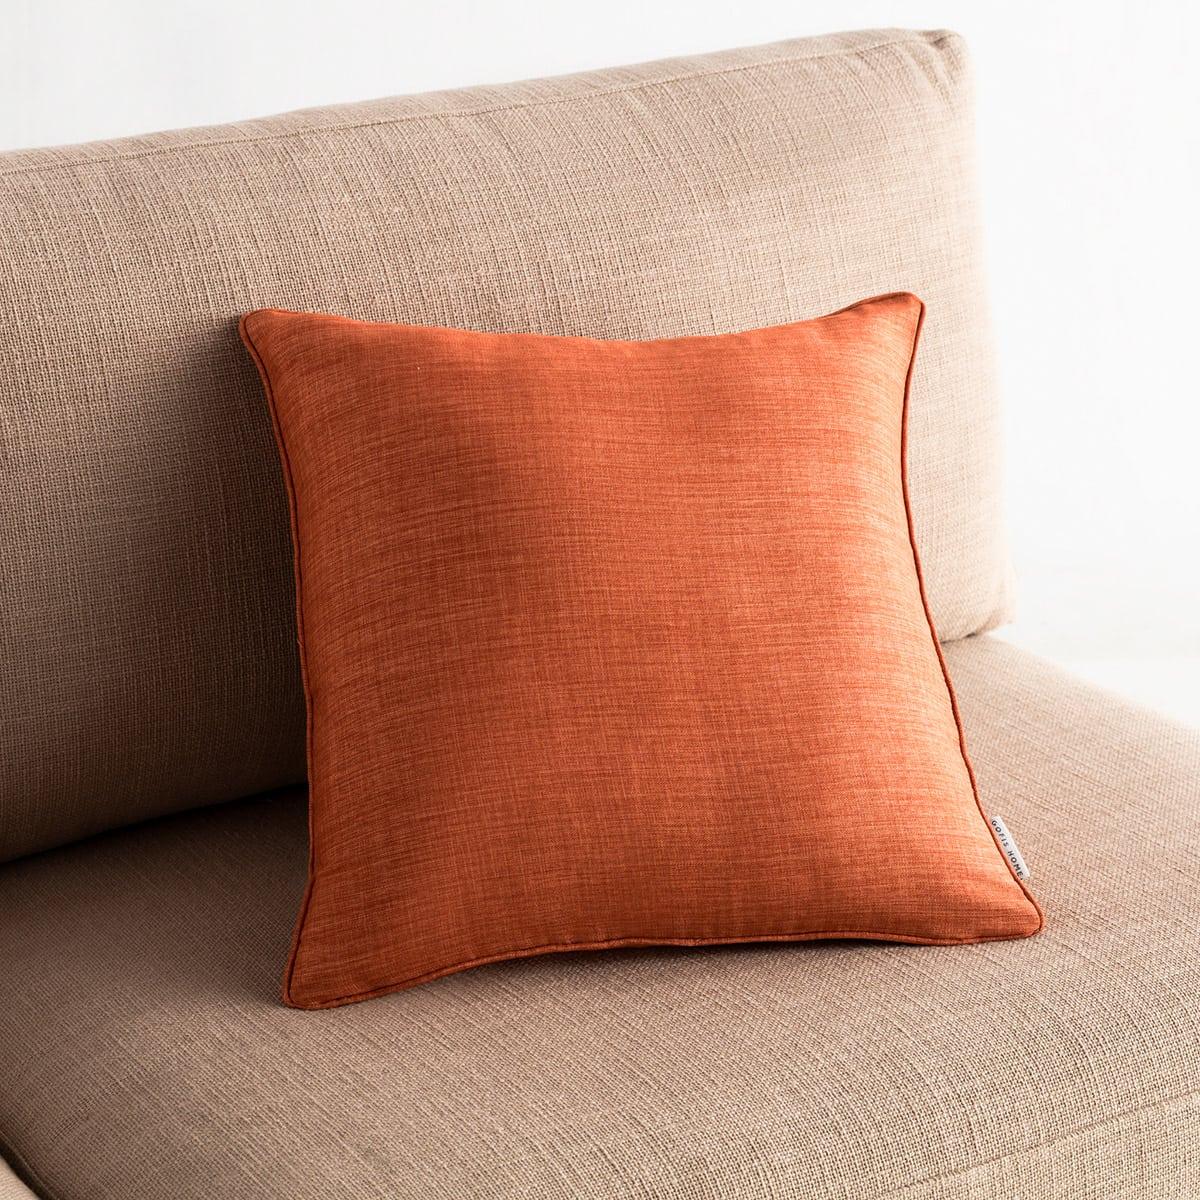 Μαξιλαροθήκη Διακοσμητική Chrome 930B/13 Tan Brown Gofis Home 45X45 100% Polyester